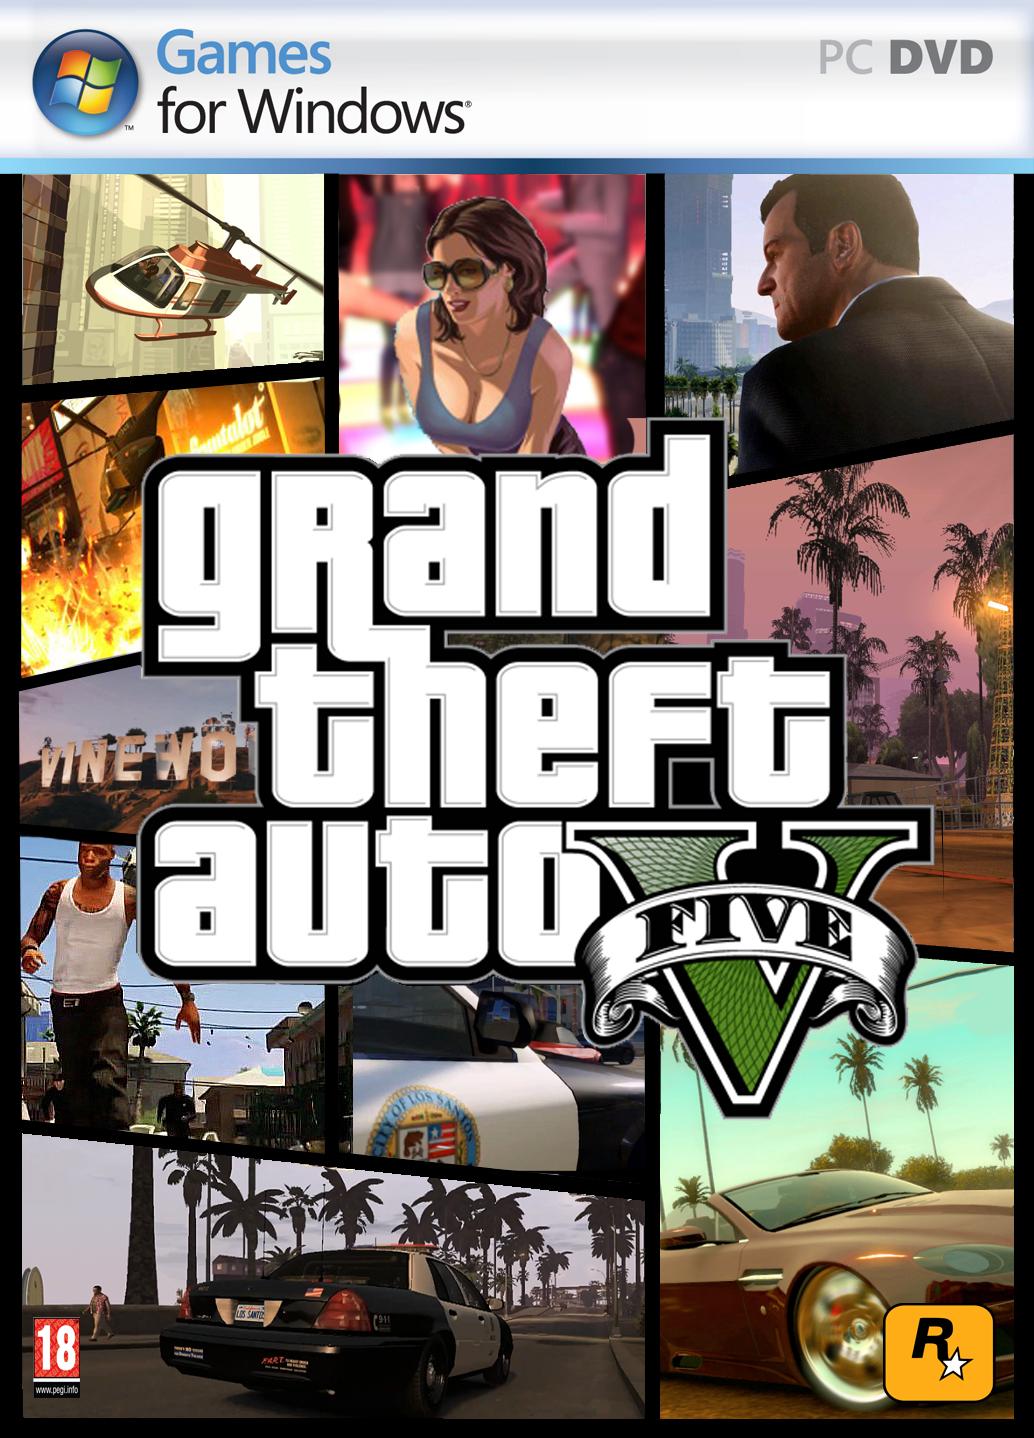 GTA 5 petitie voor PC-versie: al 300.000 keer ondertekend